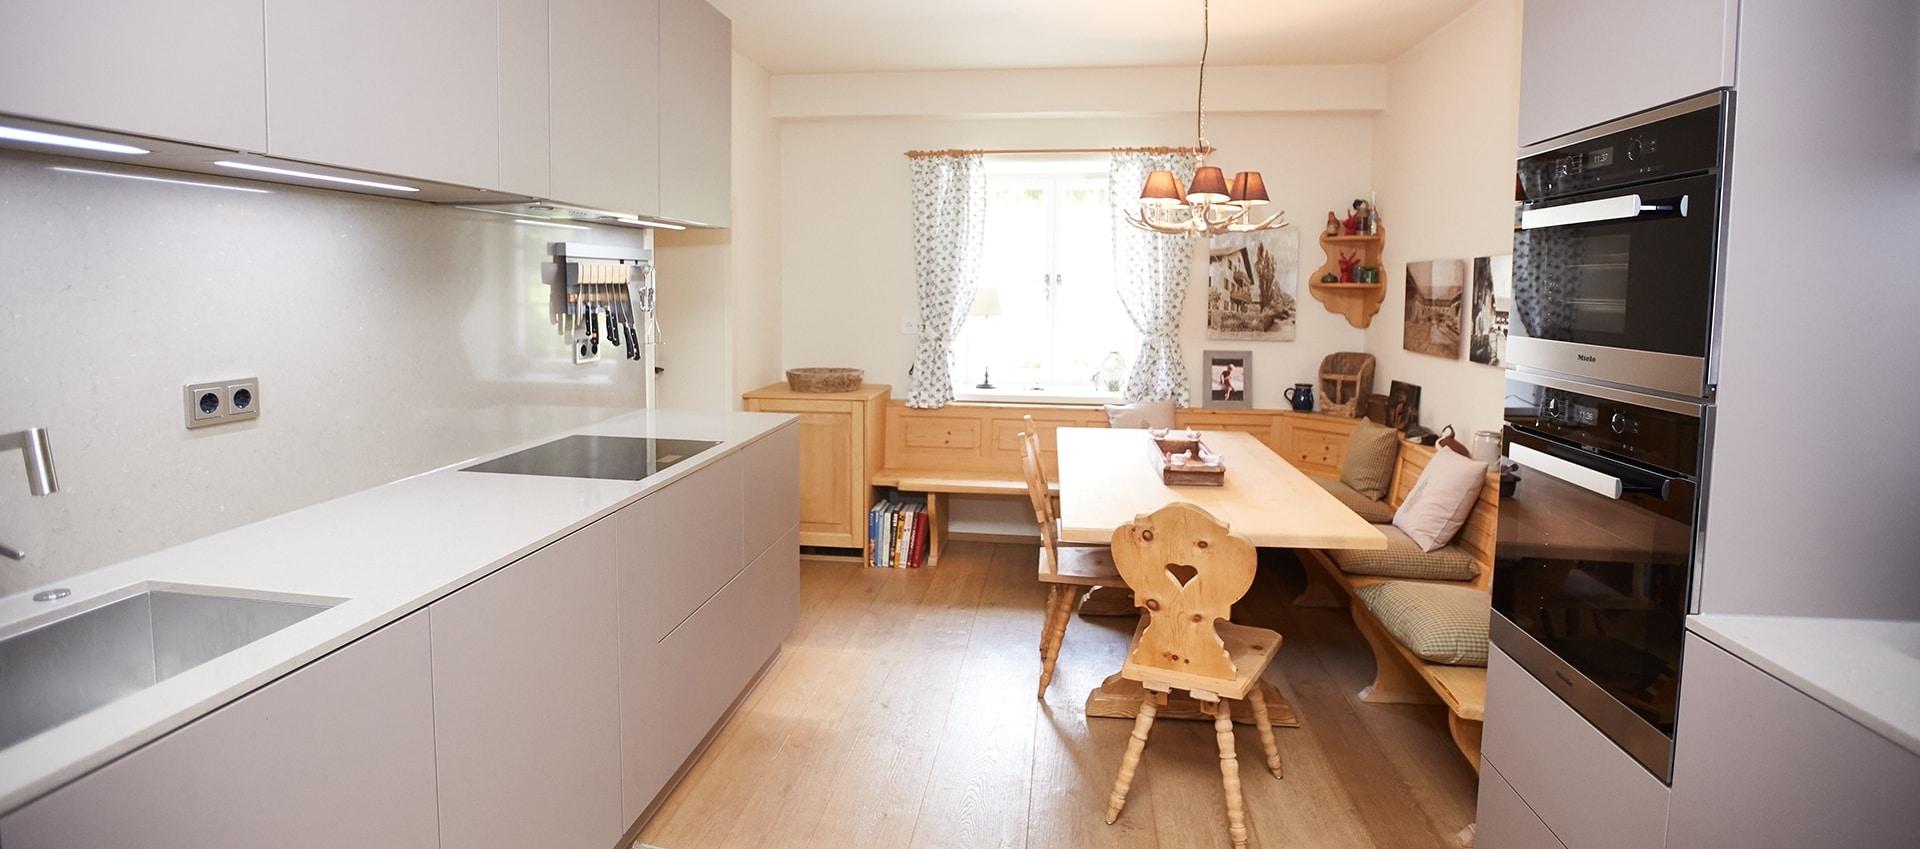 Hochwertige Einbauküchen in München | Elha Service